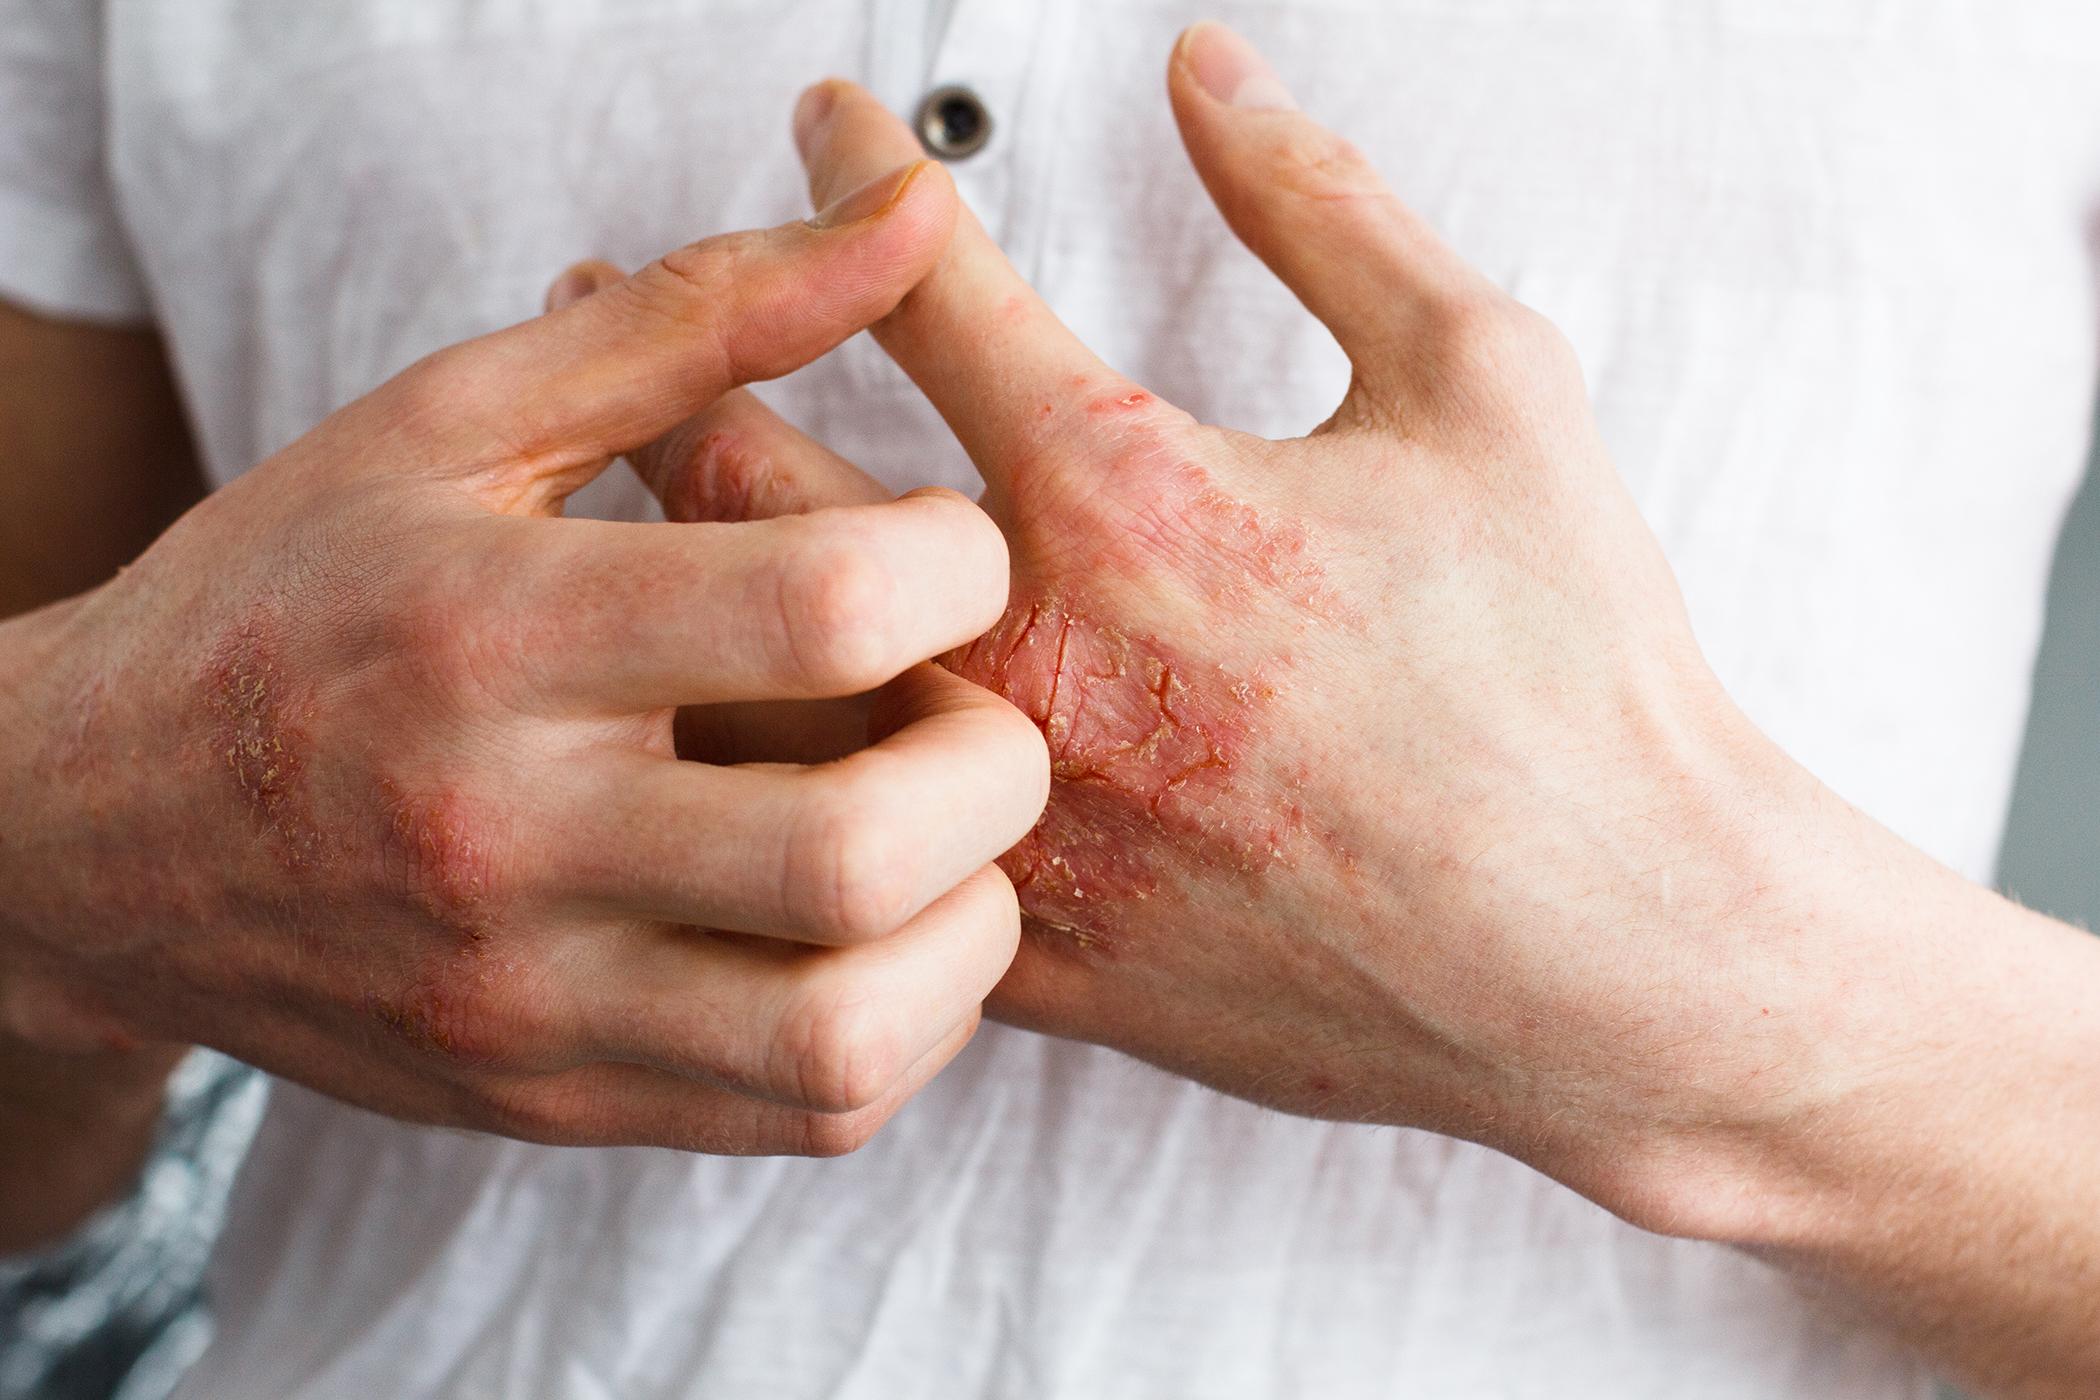 a bőrt vörös foltok borítják, és viszket az egész a borda bőrén vörös folt található